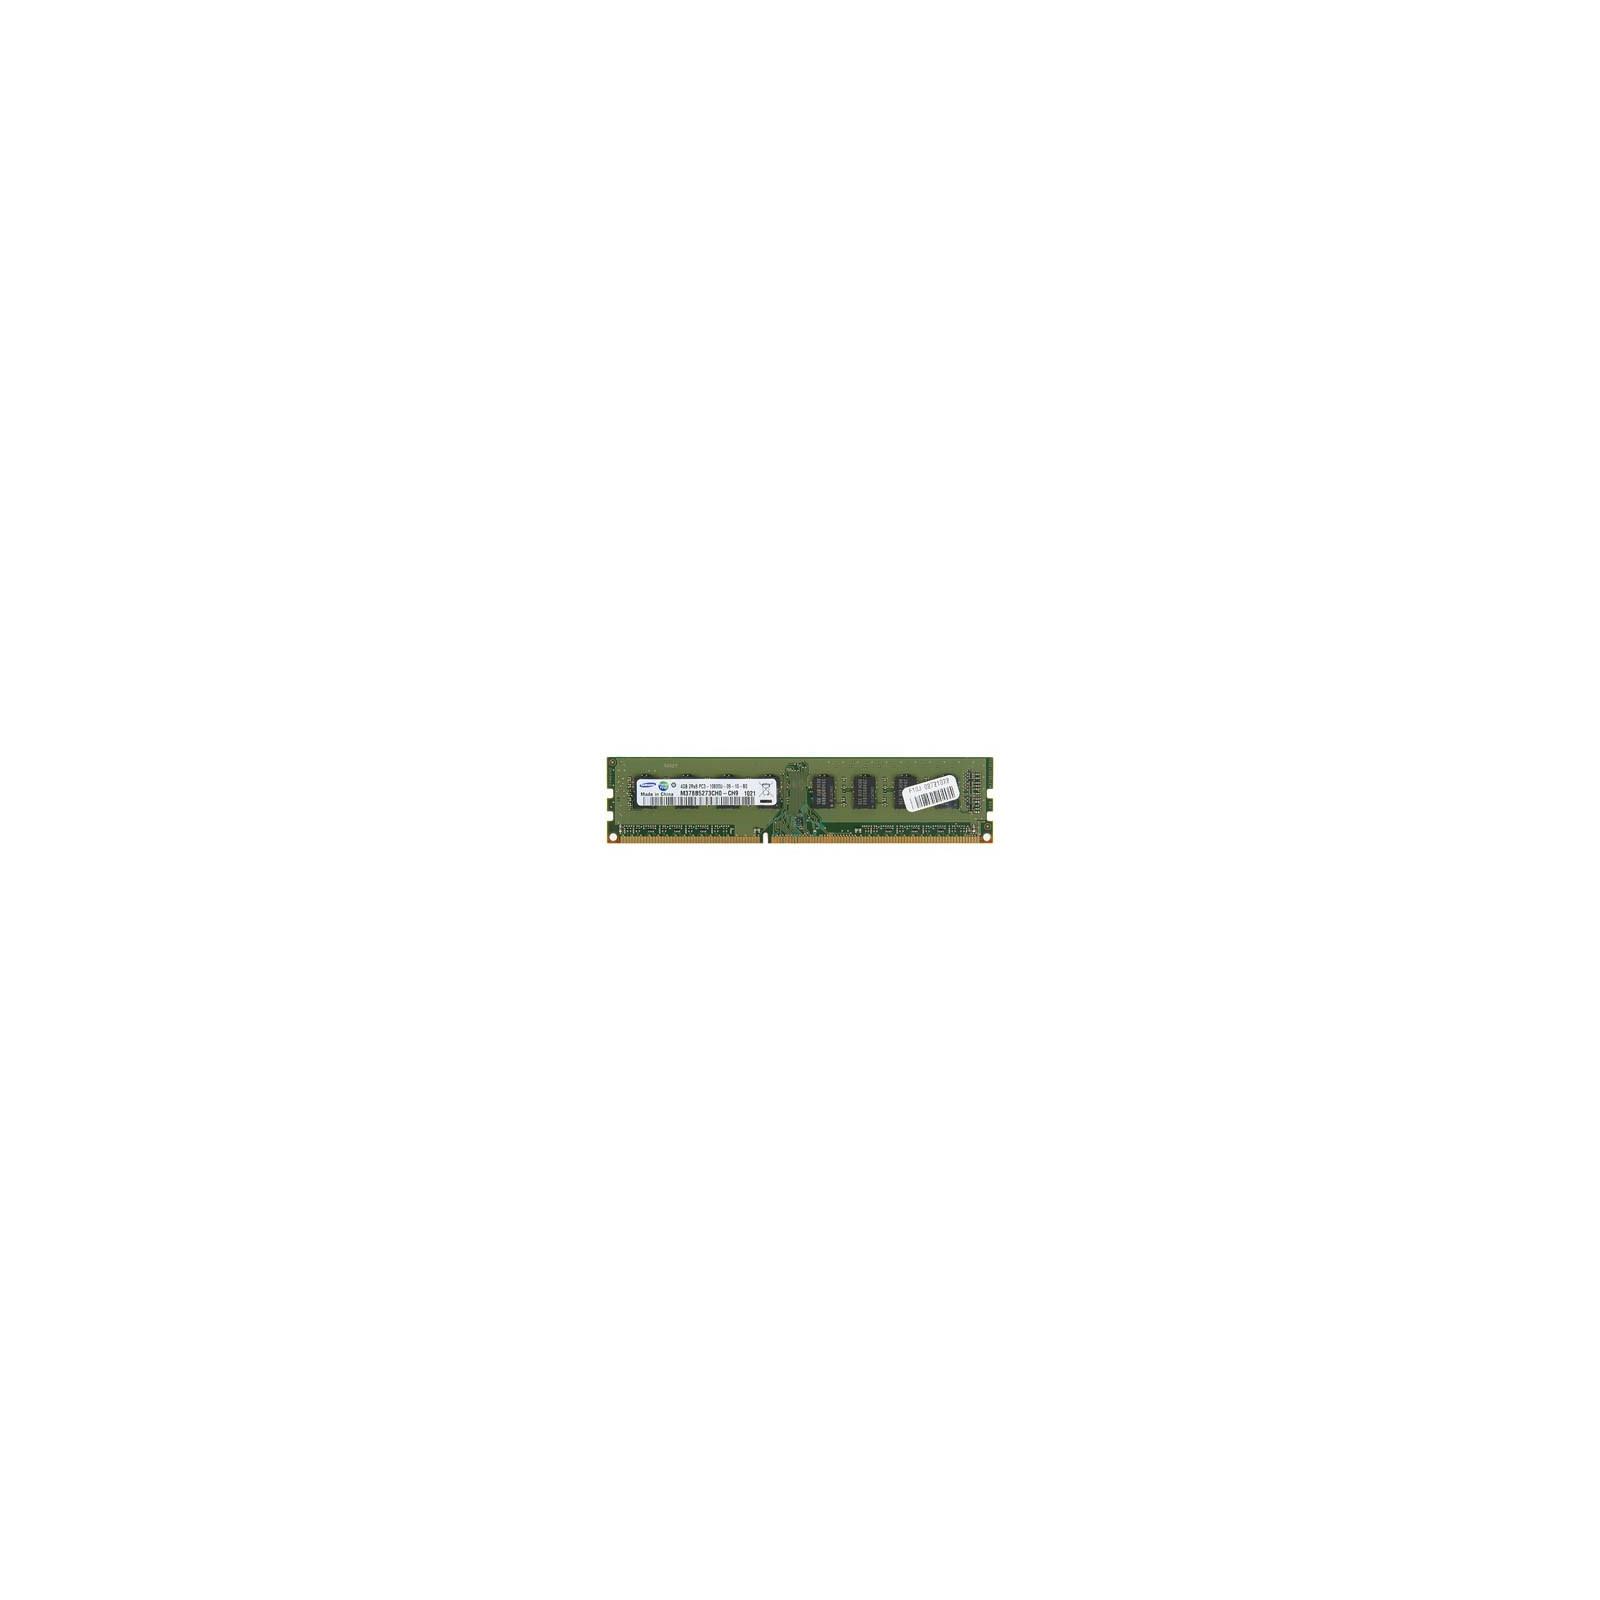 Модуль памяти для компьютера DDR3 4GB 1600 MHz Samsung (M378B5173ВН0-CK0 / M378B5273CH0-CK000)